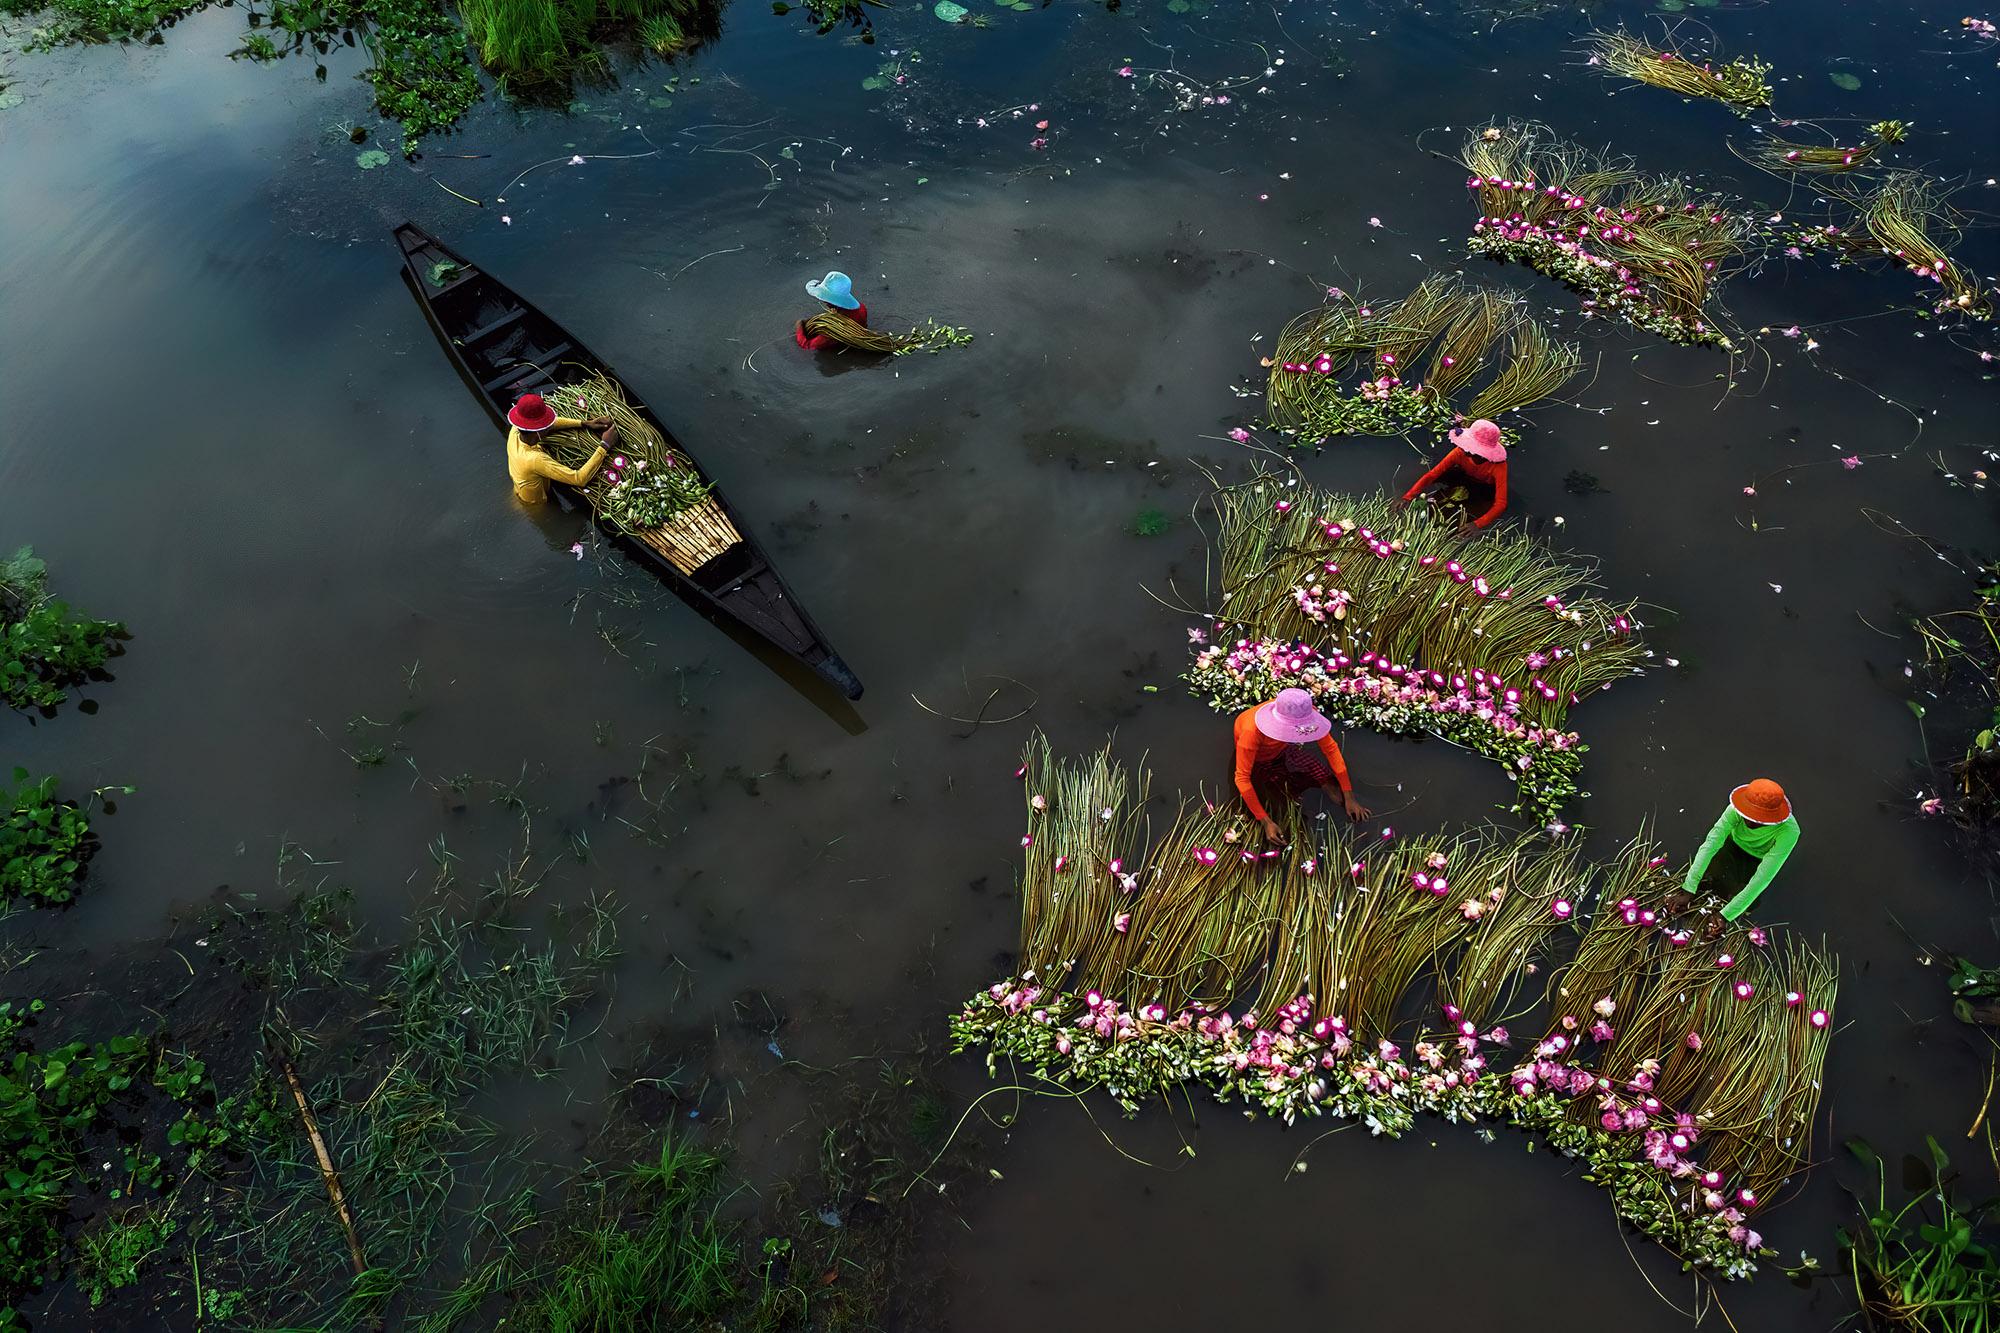 Photographie couleur, les pêcheurs travaillent à la collecte des nénuphars, Finaliste du concours People